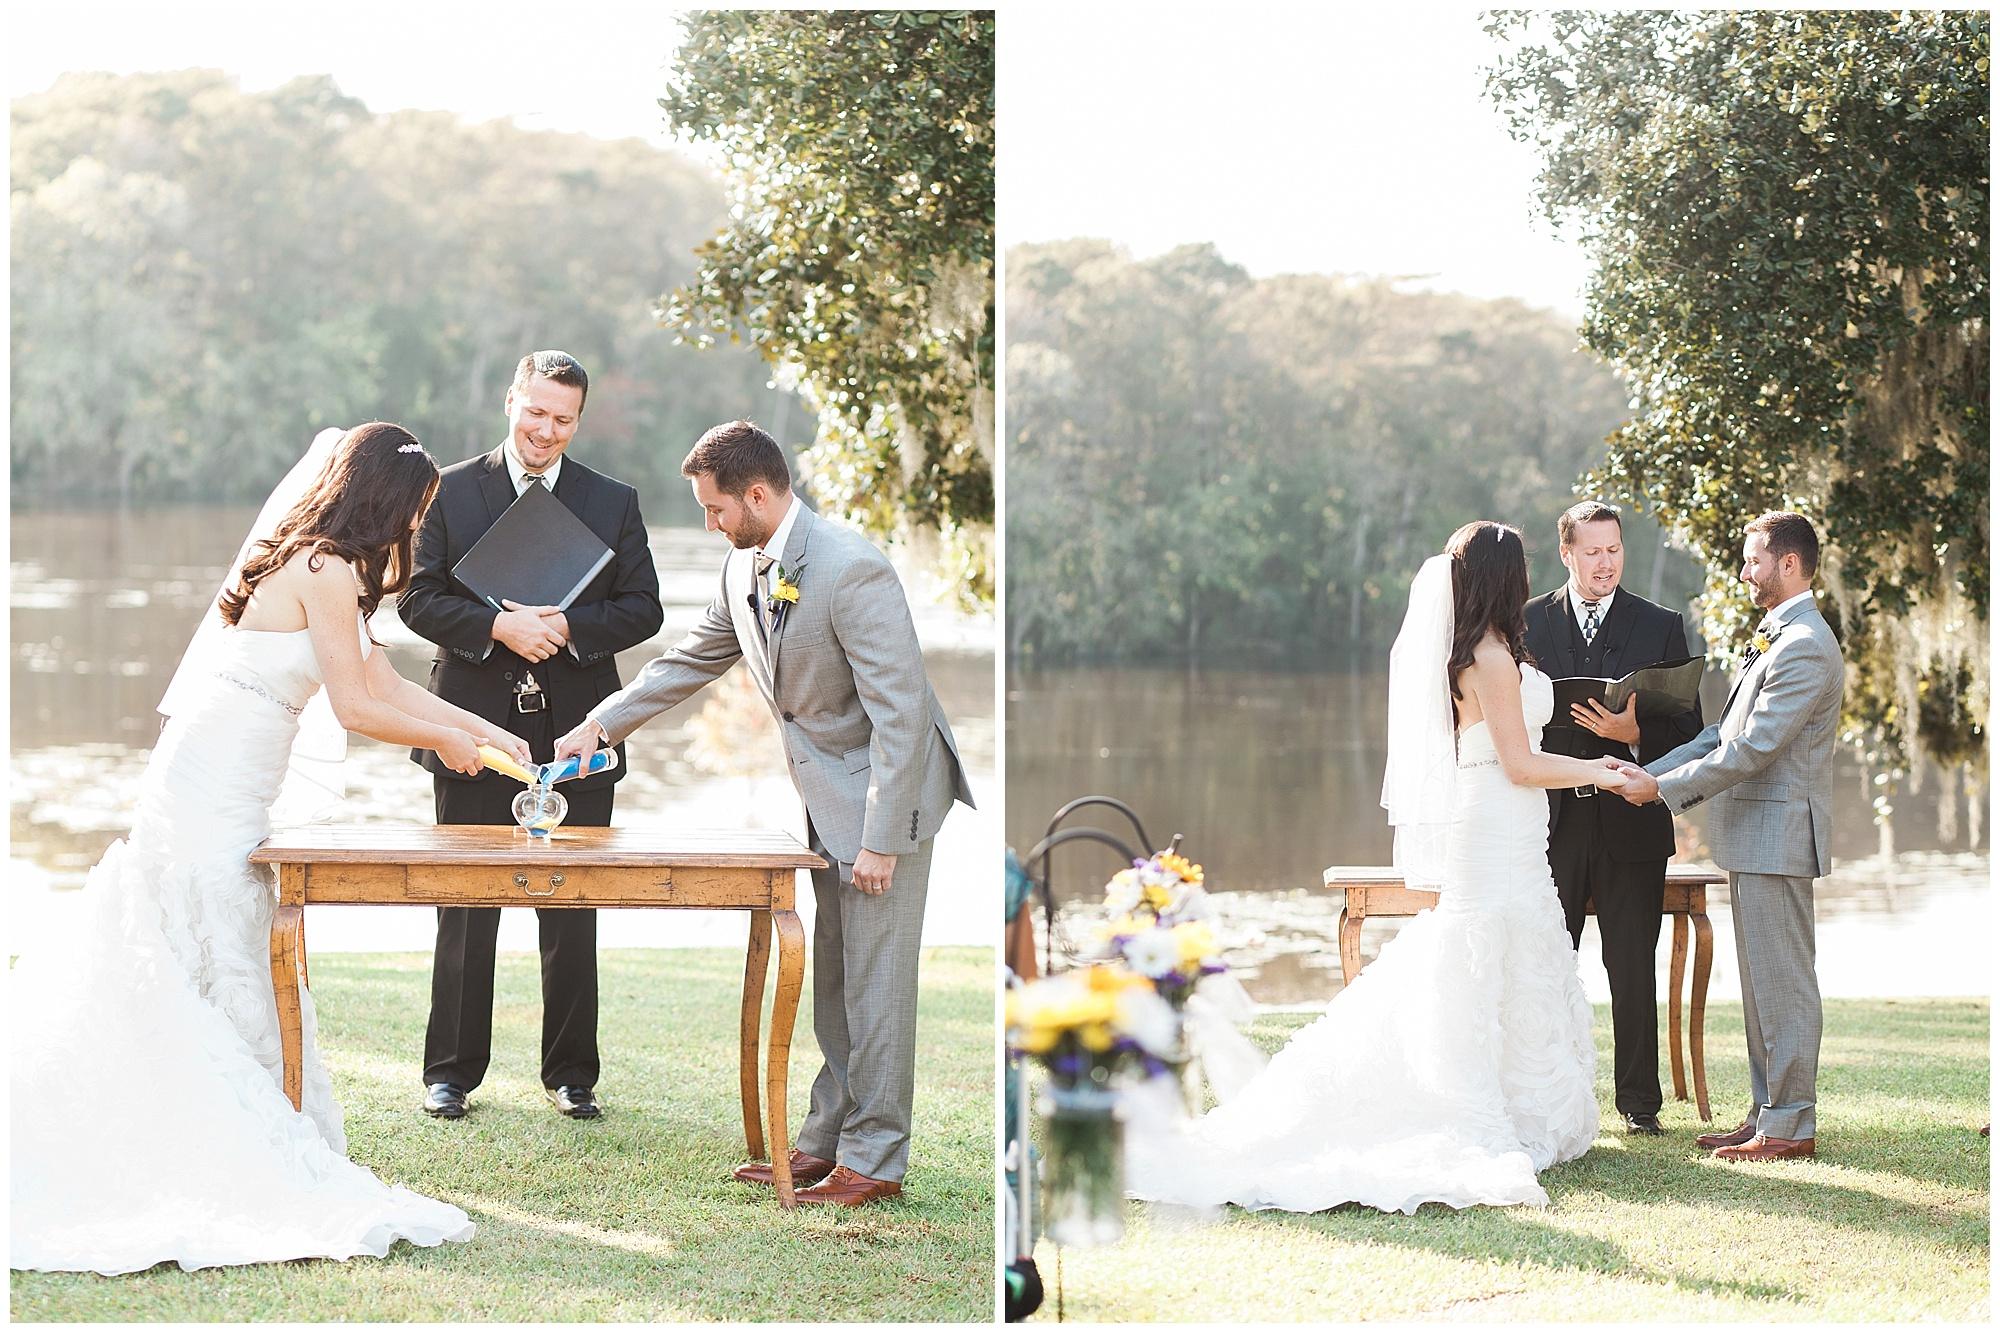 Carolina Wedding Photography